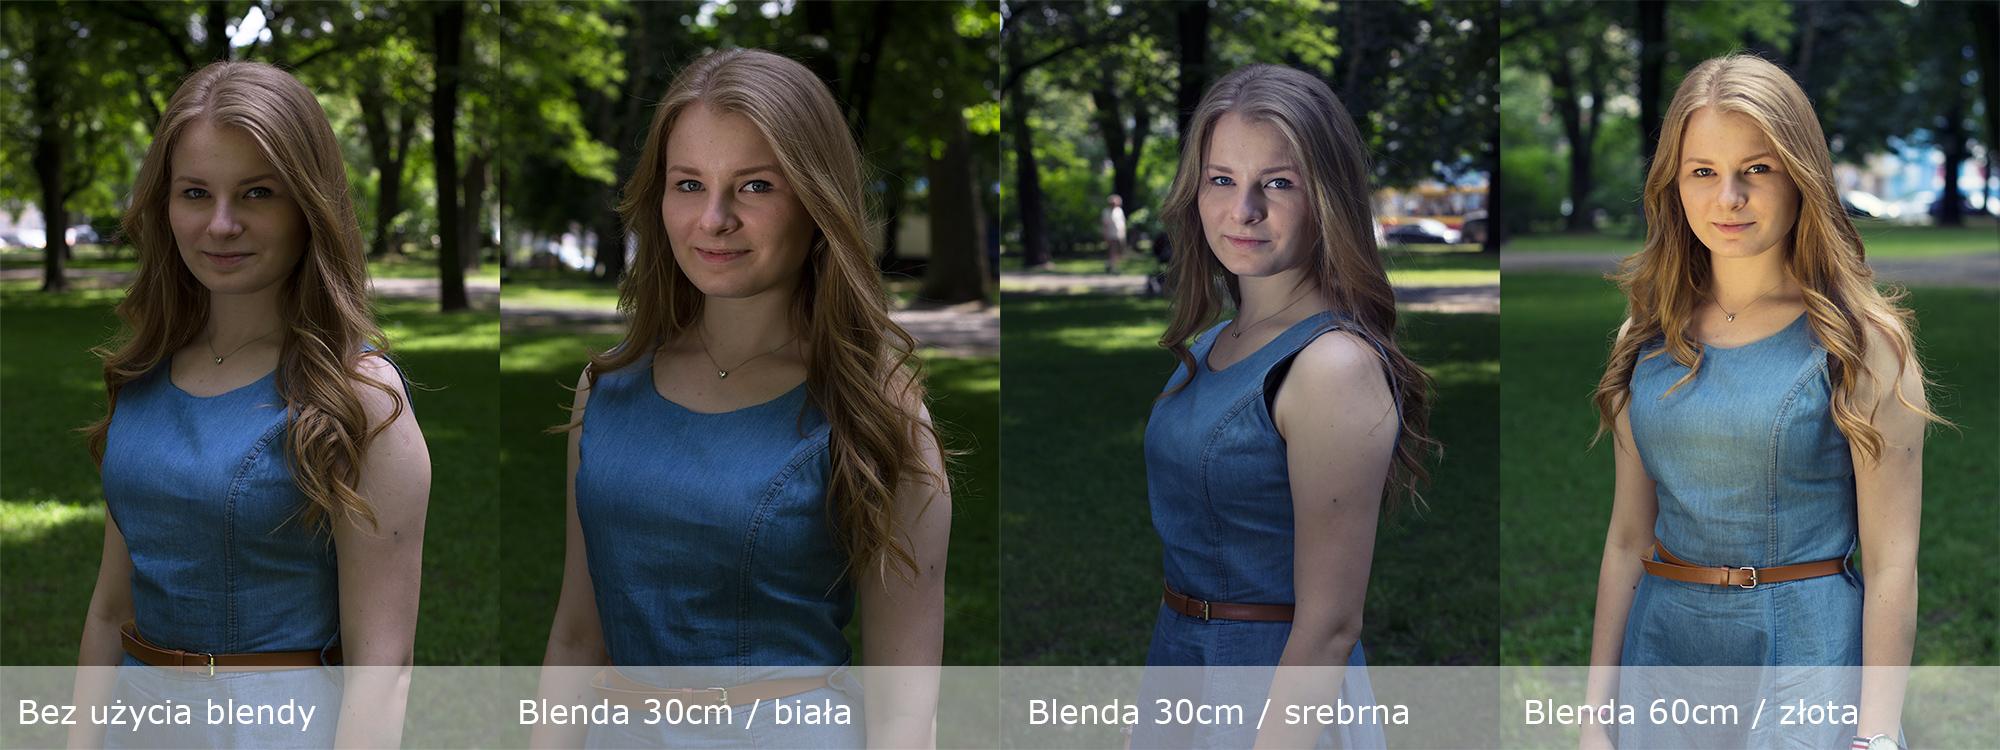 Blendy fotograficzne kolory